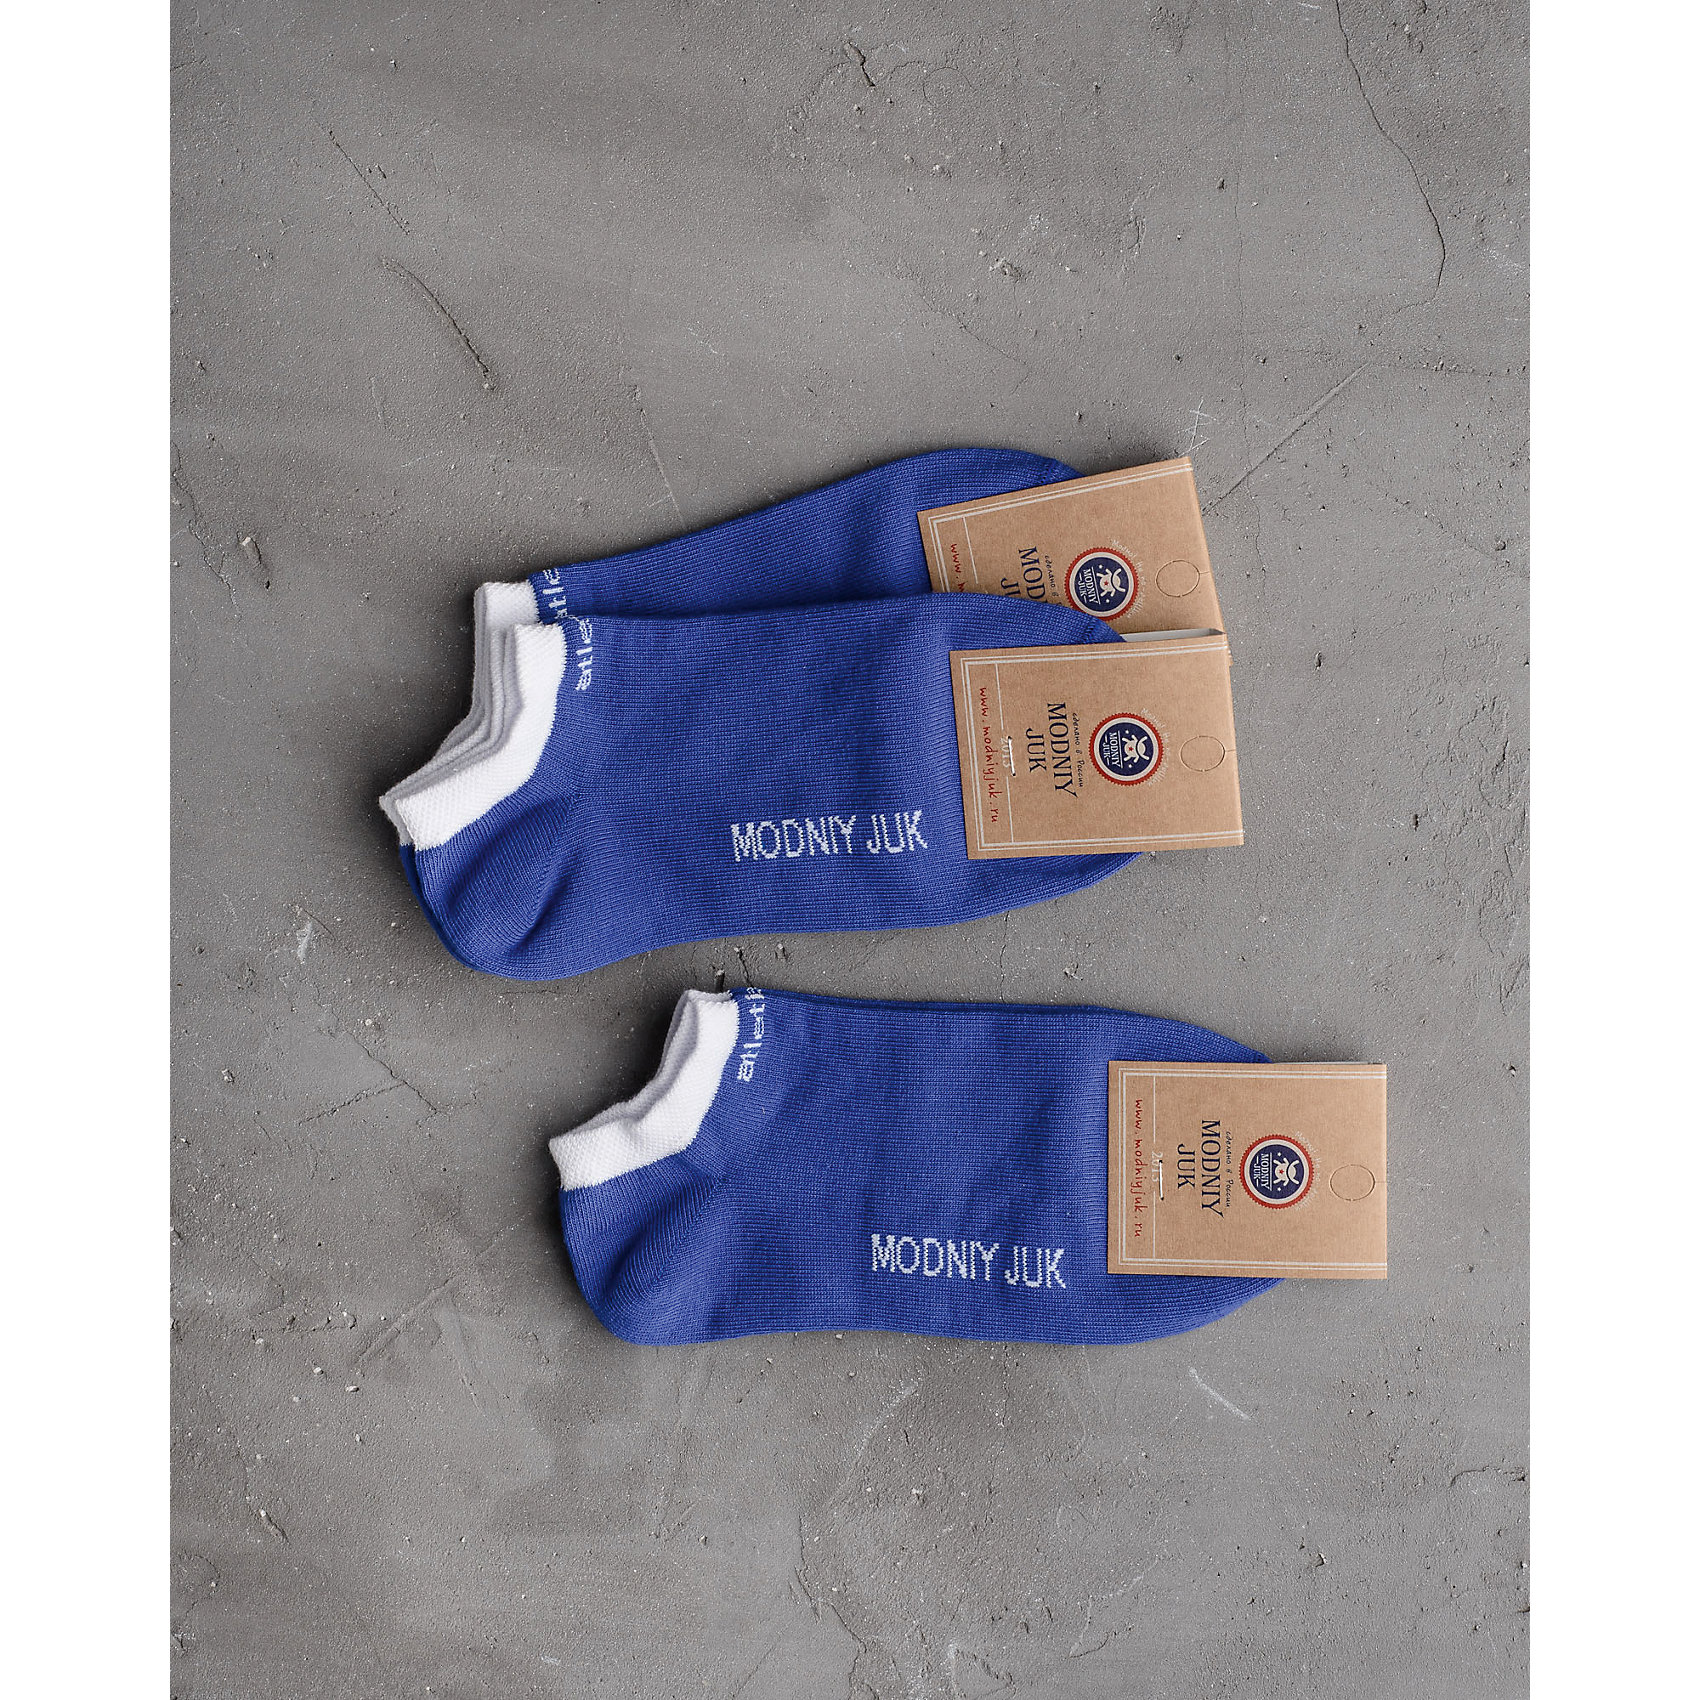 Носки (3 пары) для мальчика Modniy JukНоски<br>Прекрасный комплект из 3х носок, Приятны на ощупь. Отлично  облегают ногу. Усиленный мысок и пятка..<br>Состав:<br>88% хлопок, 10% полиамид, 2% эластан<br><br>Ширина мм: 87<br>Глубина мм: 10<br>Высота мм: 105<br>Вес г: 115<br>Цвет: синий<br>Возраст от месяцев: 120<br>Возраст до месяцев: 144<br>Пол: Мужской<br>Возраст: Детский<br>Размер: 26,20,23<br>SKU: 5613934